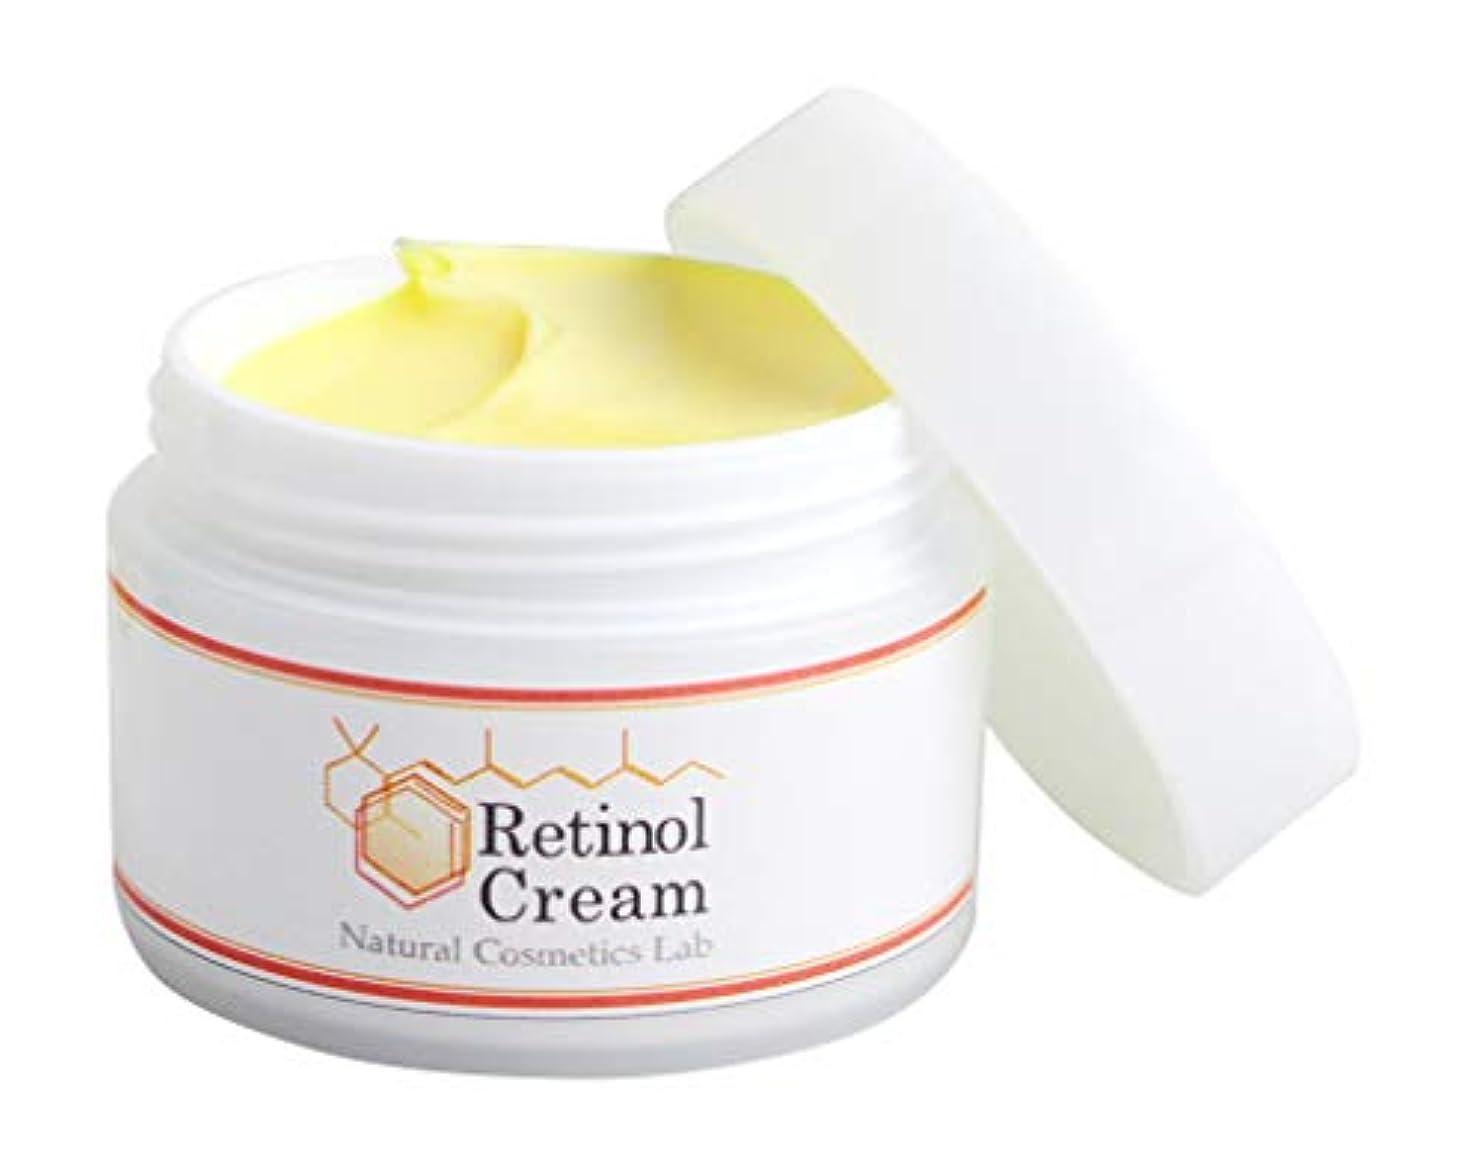 基本的なモジュール気になる自然化粧品研究所 レチノールクリーム 35g